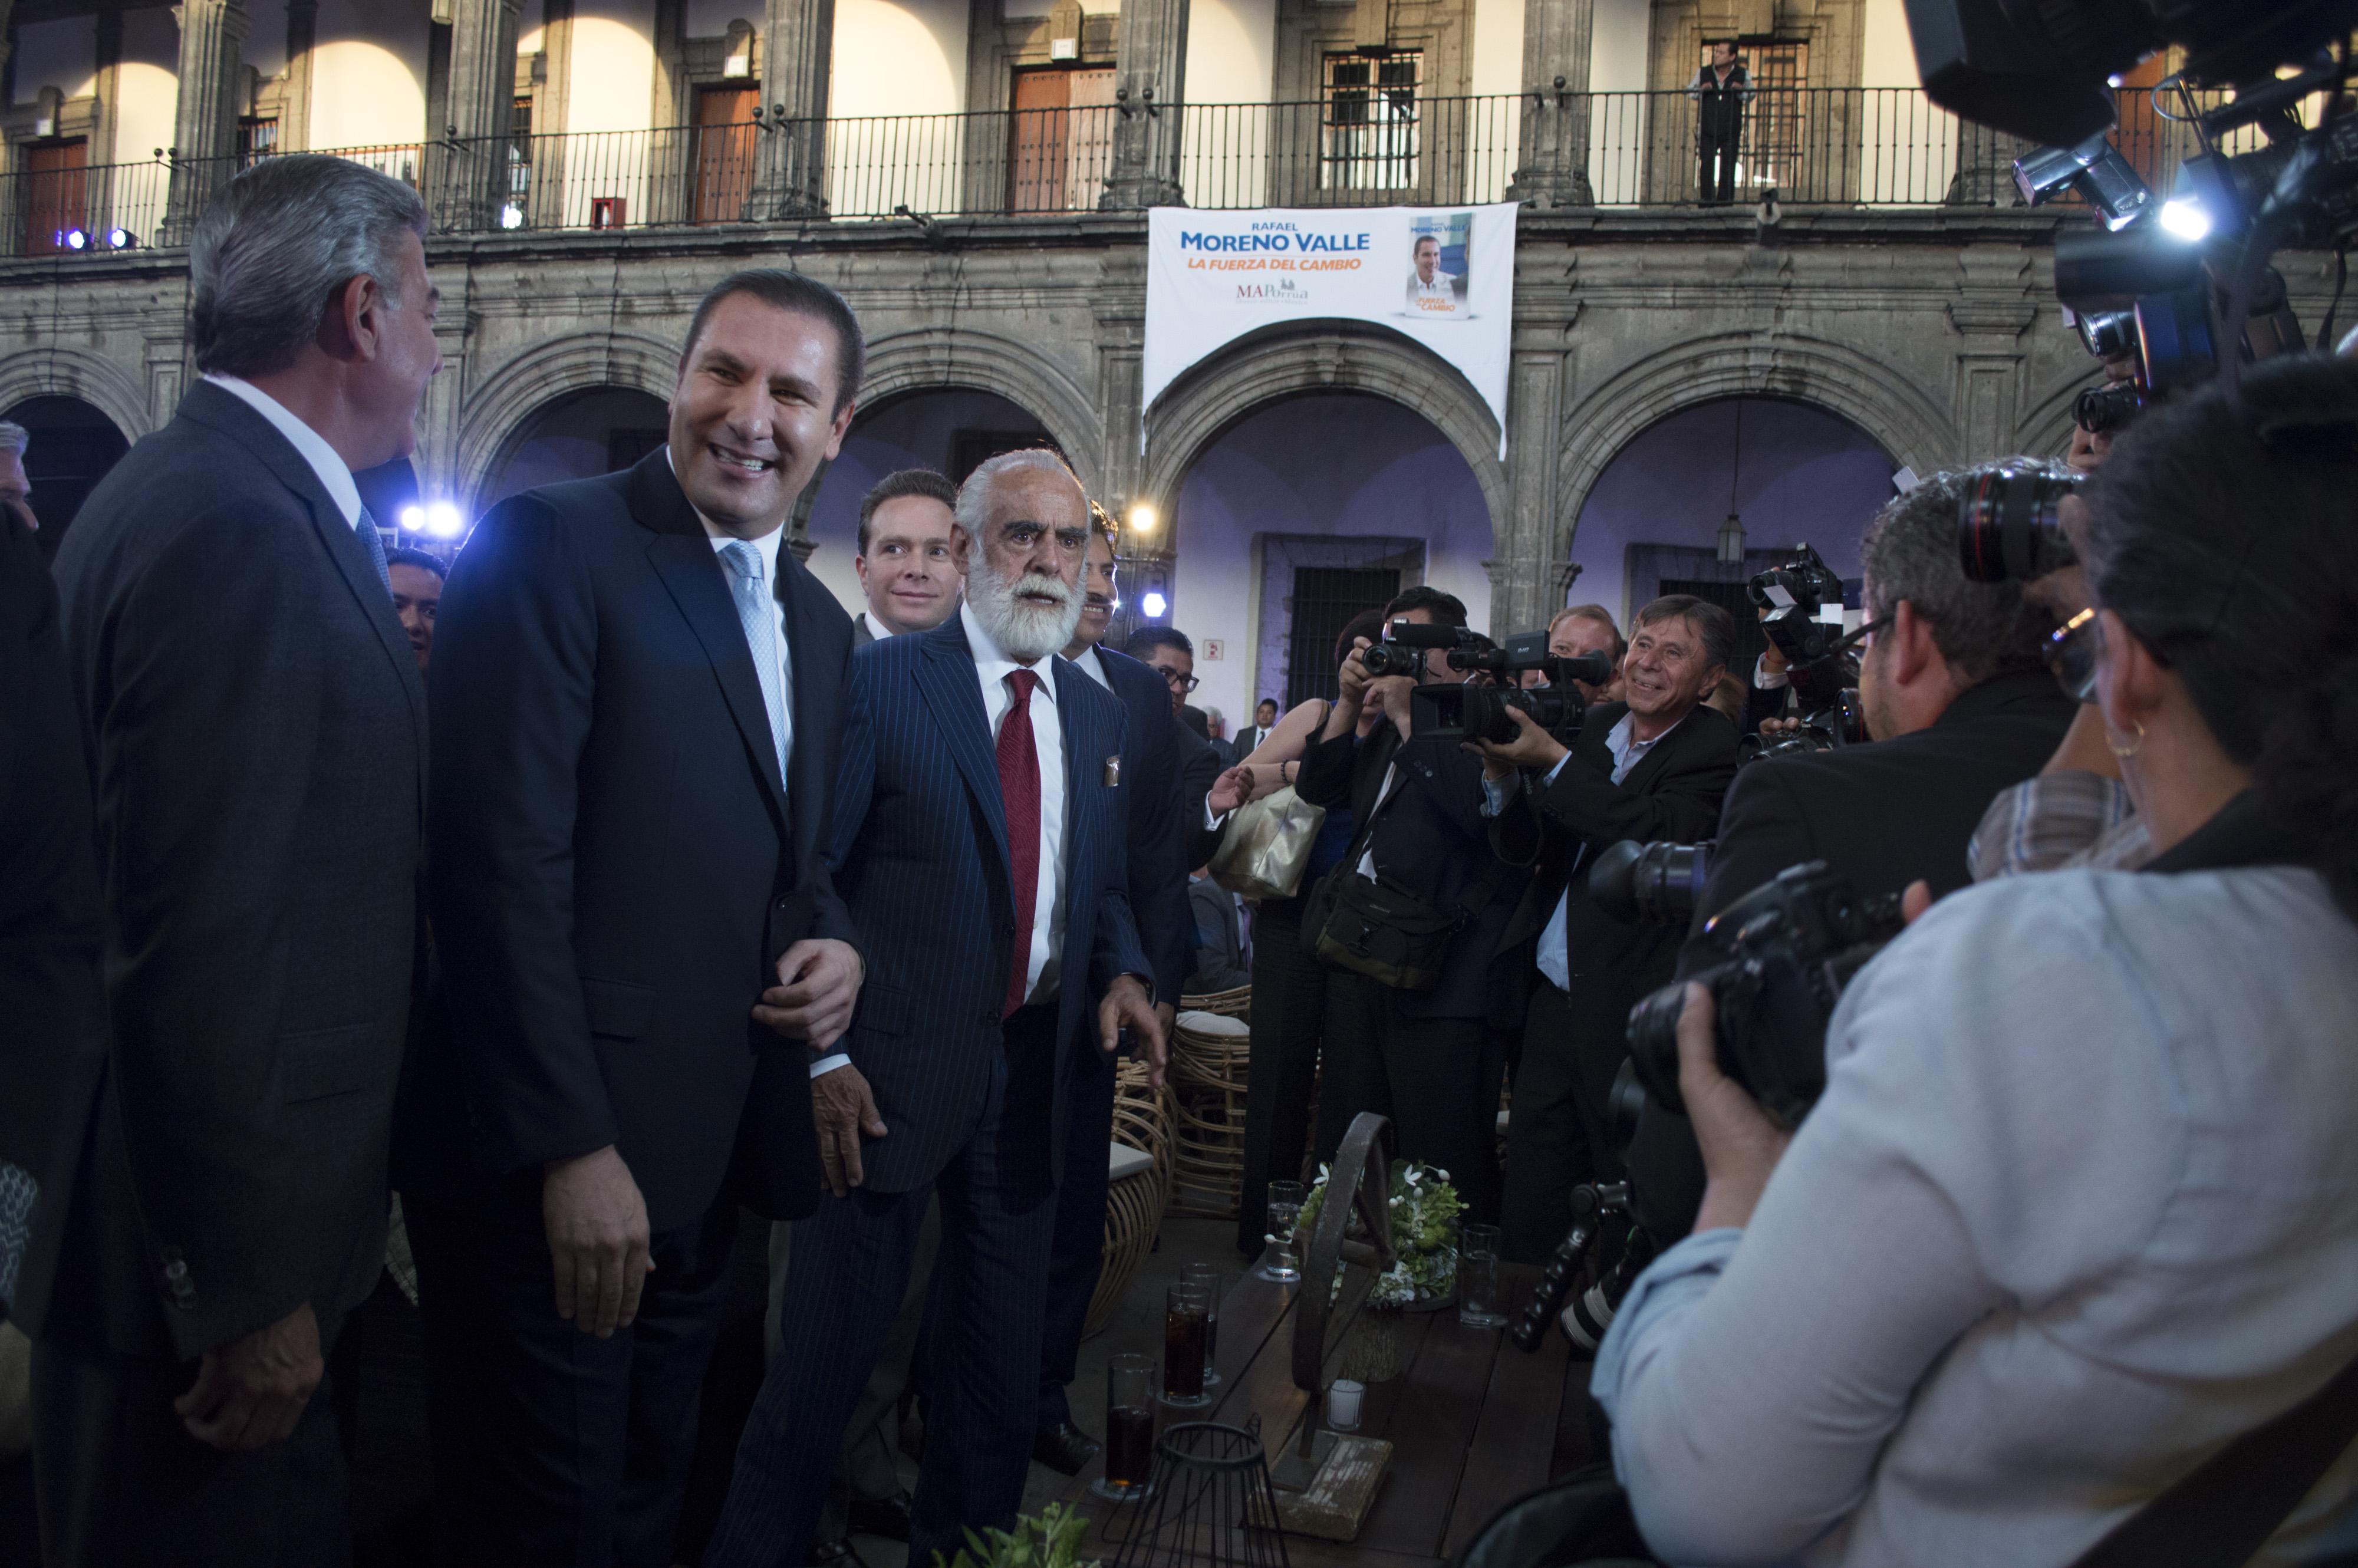 Rafael Moreno Valle, ex gobernador del estado de Puebla. FOTO: SELENE PACHECO /CUARTOSCURO.COM